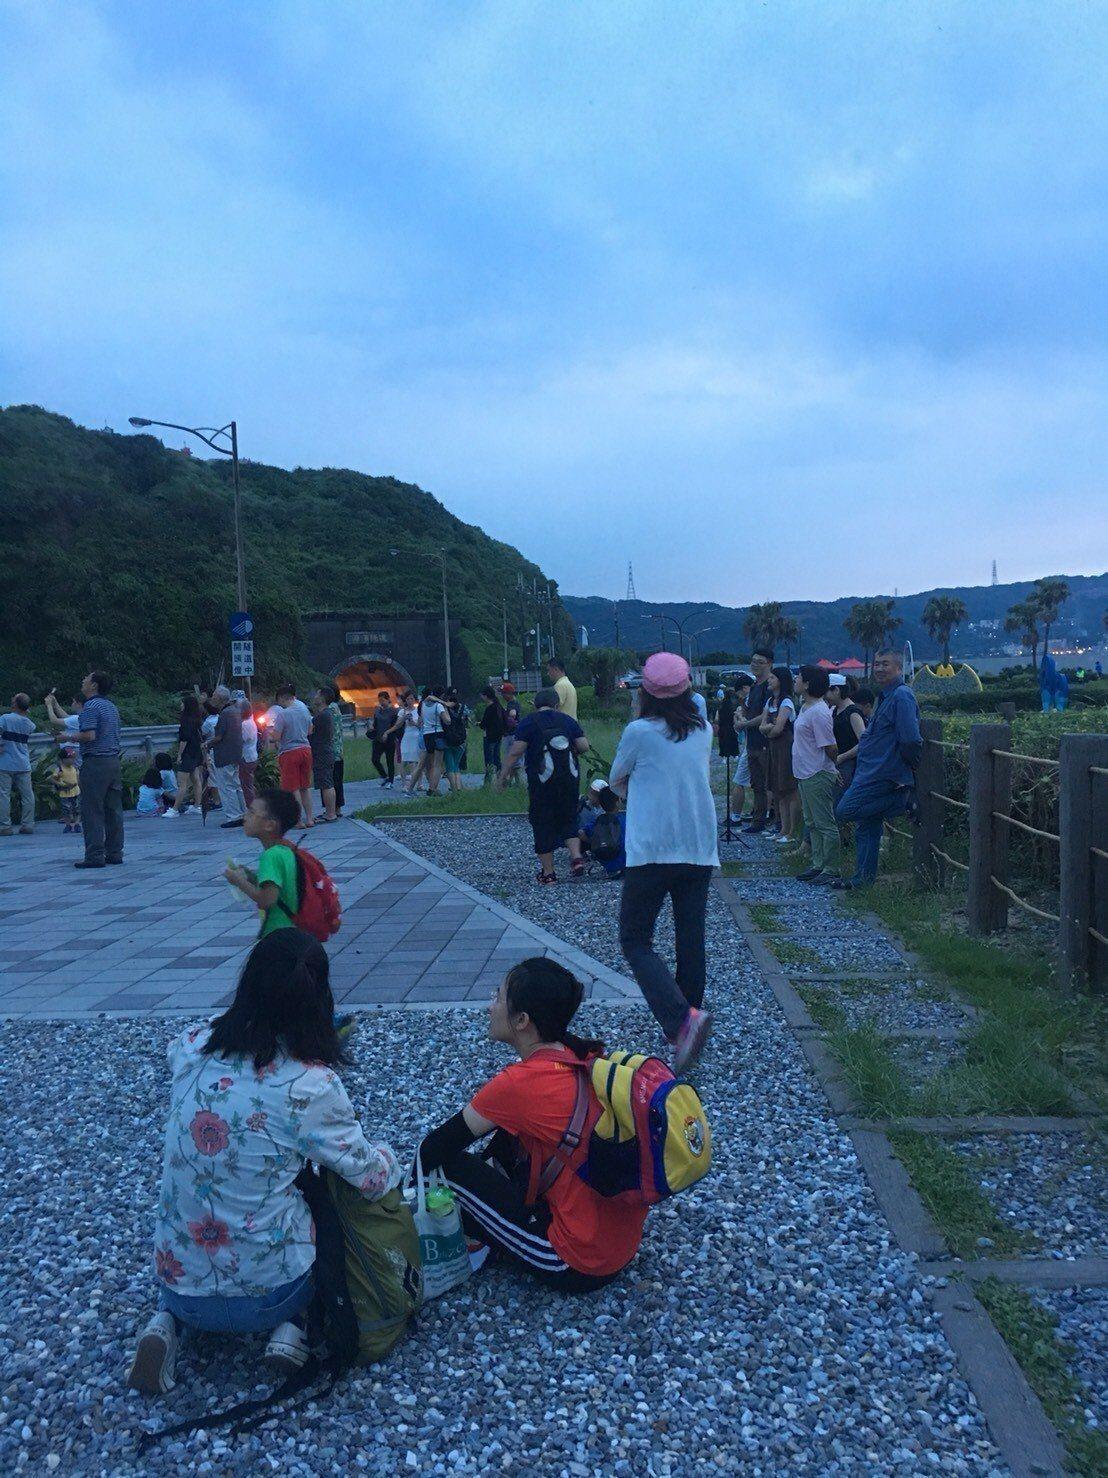 瑞芳蝙蝠洞公園在太陽下山前,東亞摺翅蝠成群外出覓食壯觀場面,吸引民眾前往觀賞。圖...